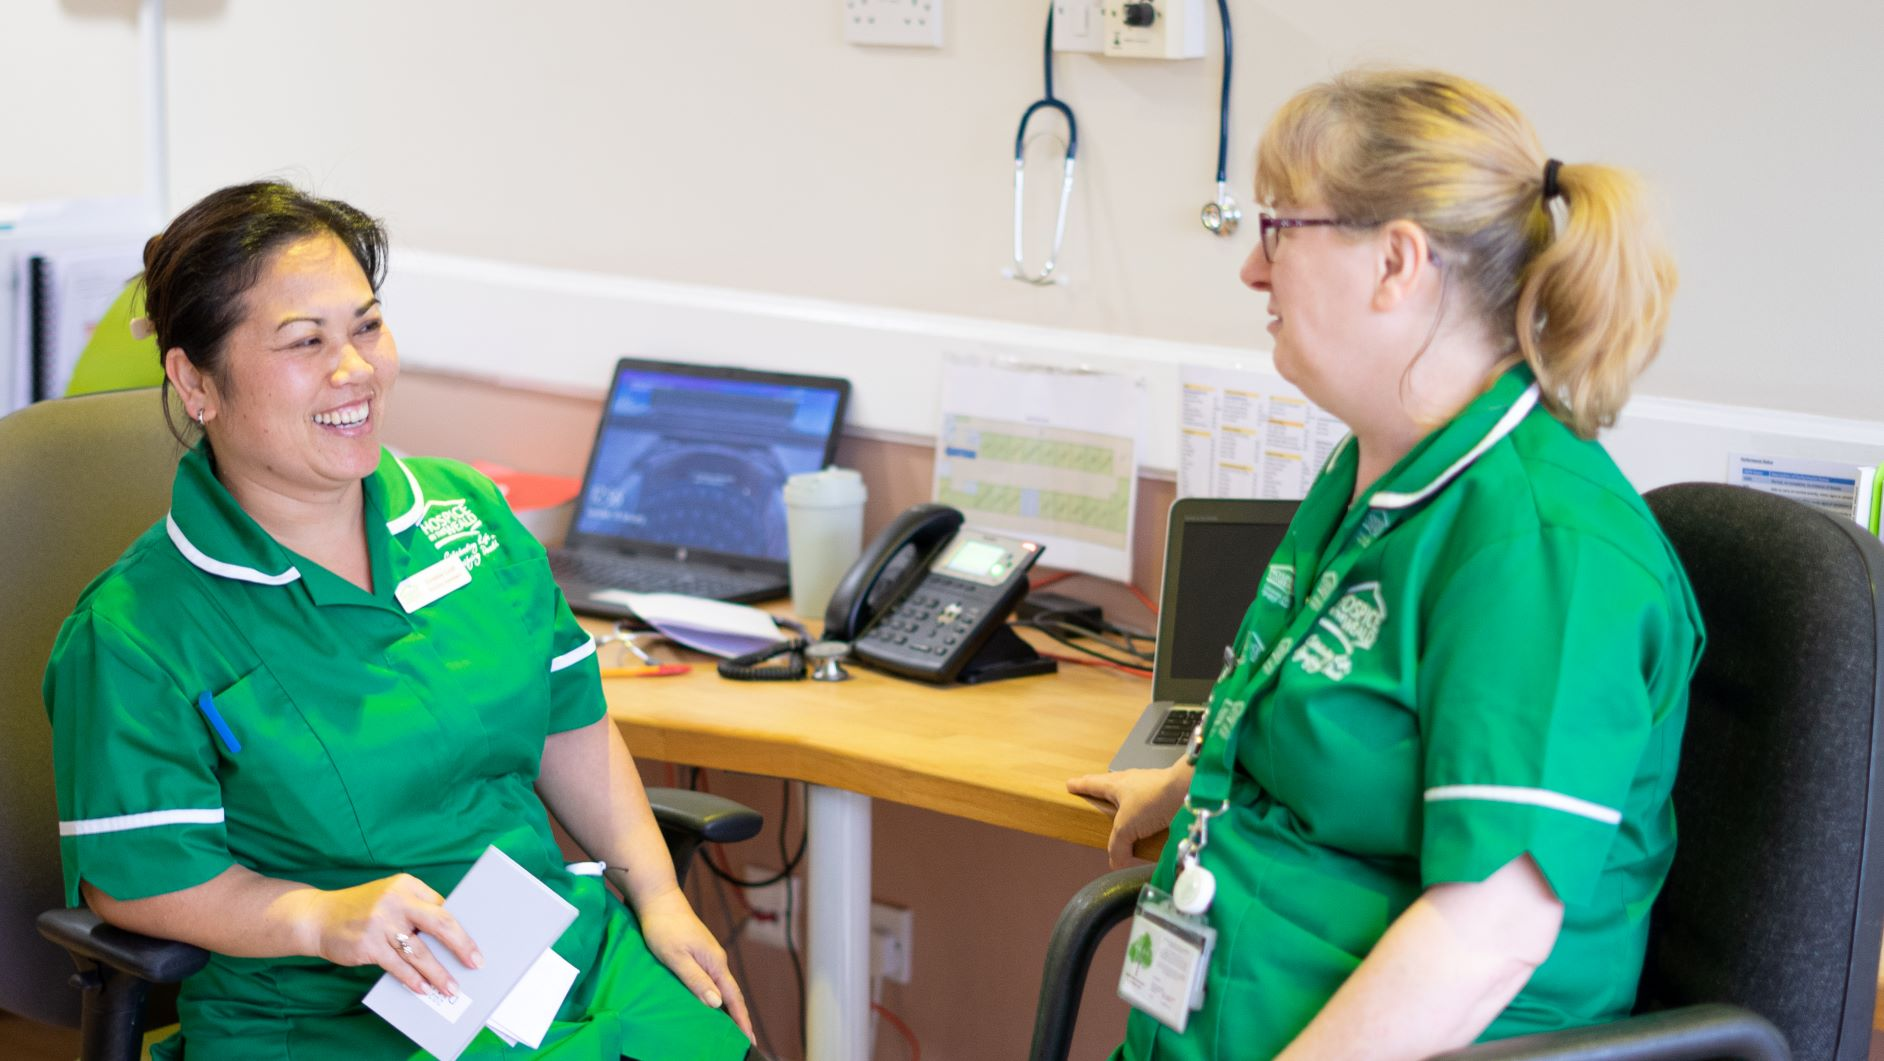 Two Nurses Chatting